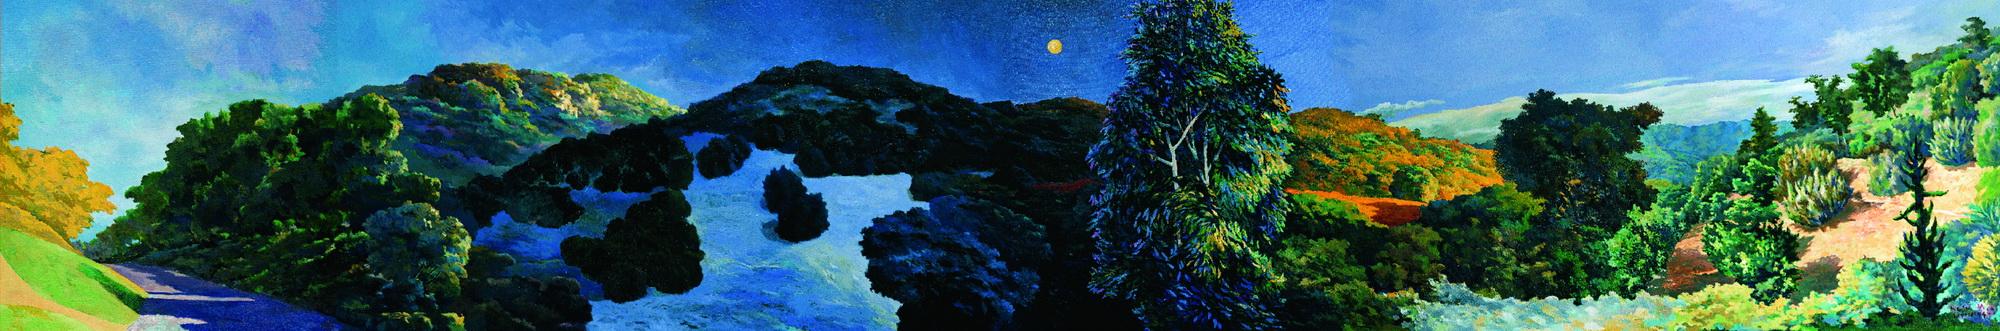 001 白天到晚上-季節 91.5x549 cm 1992-1994 油彩 畫布